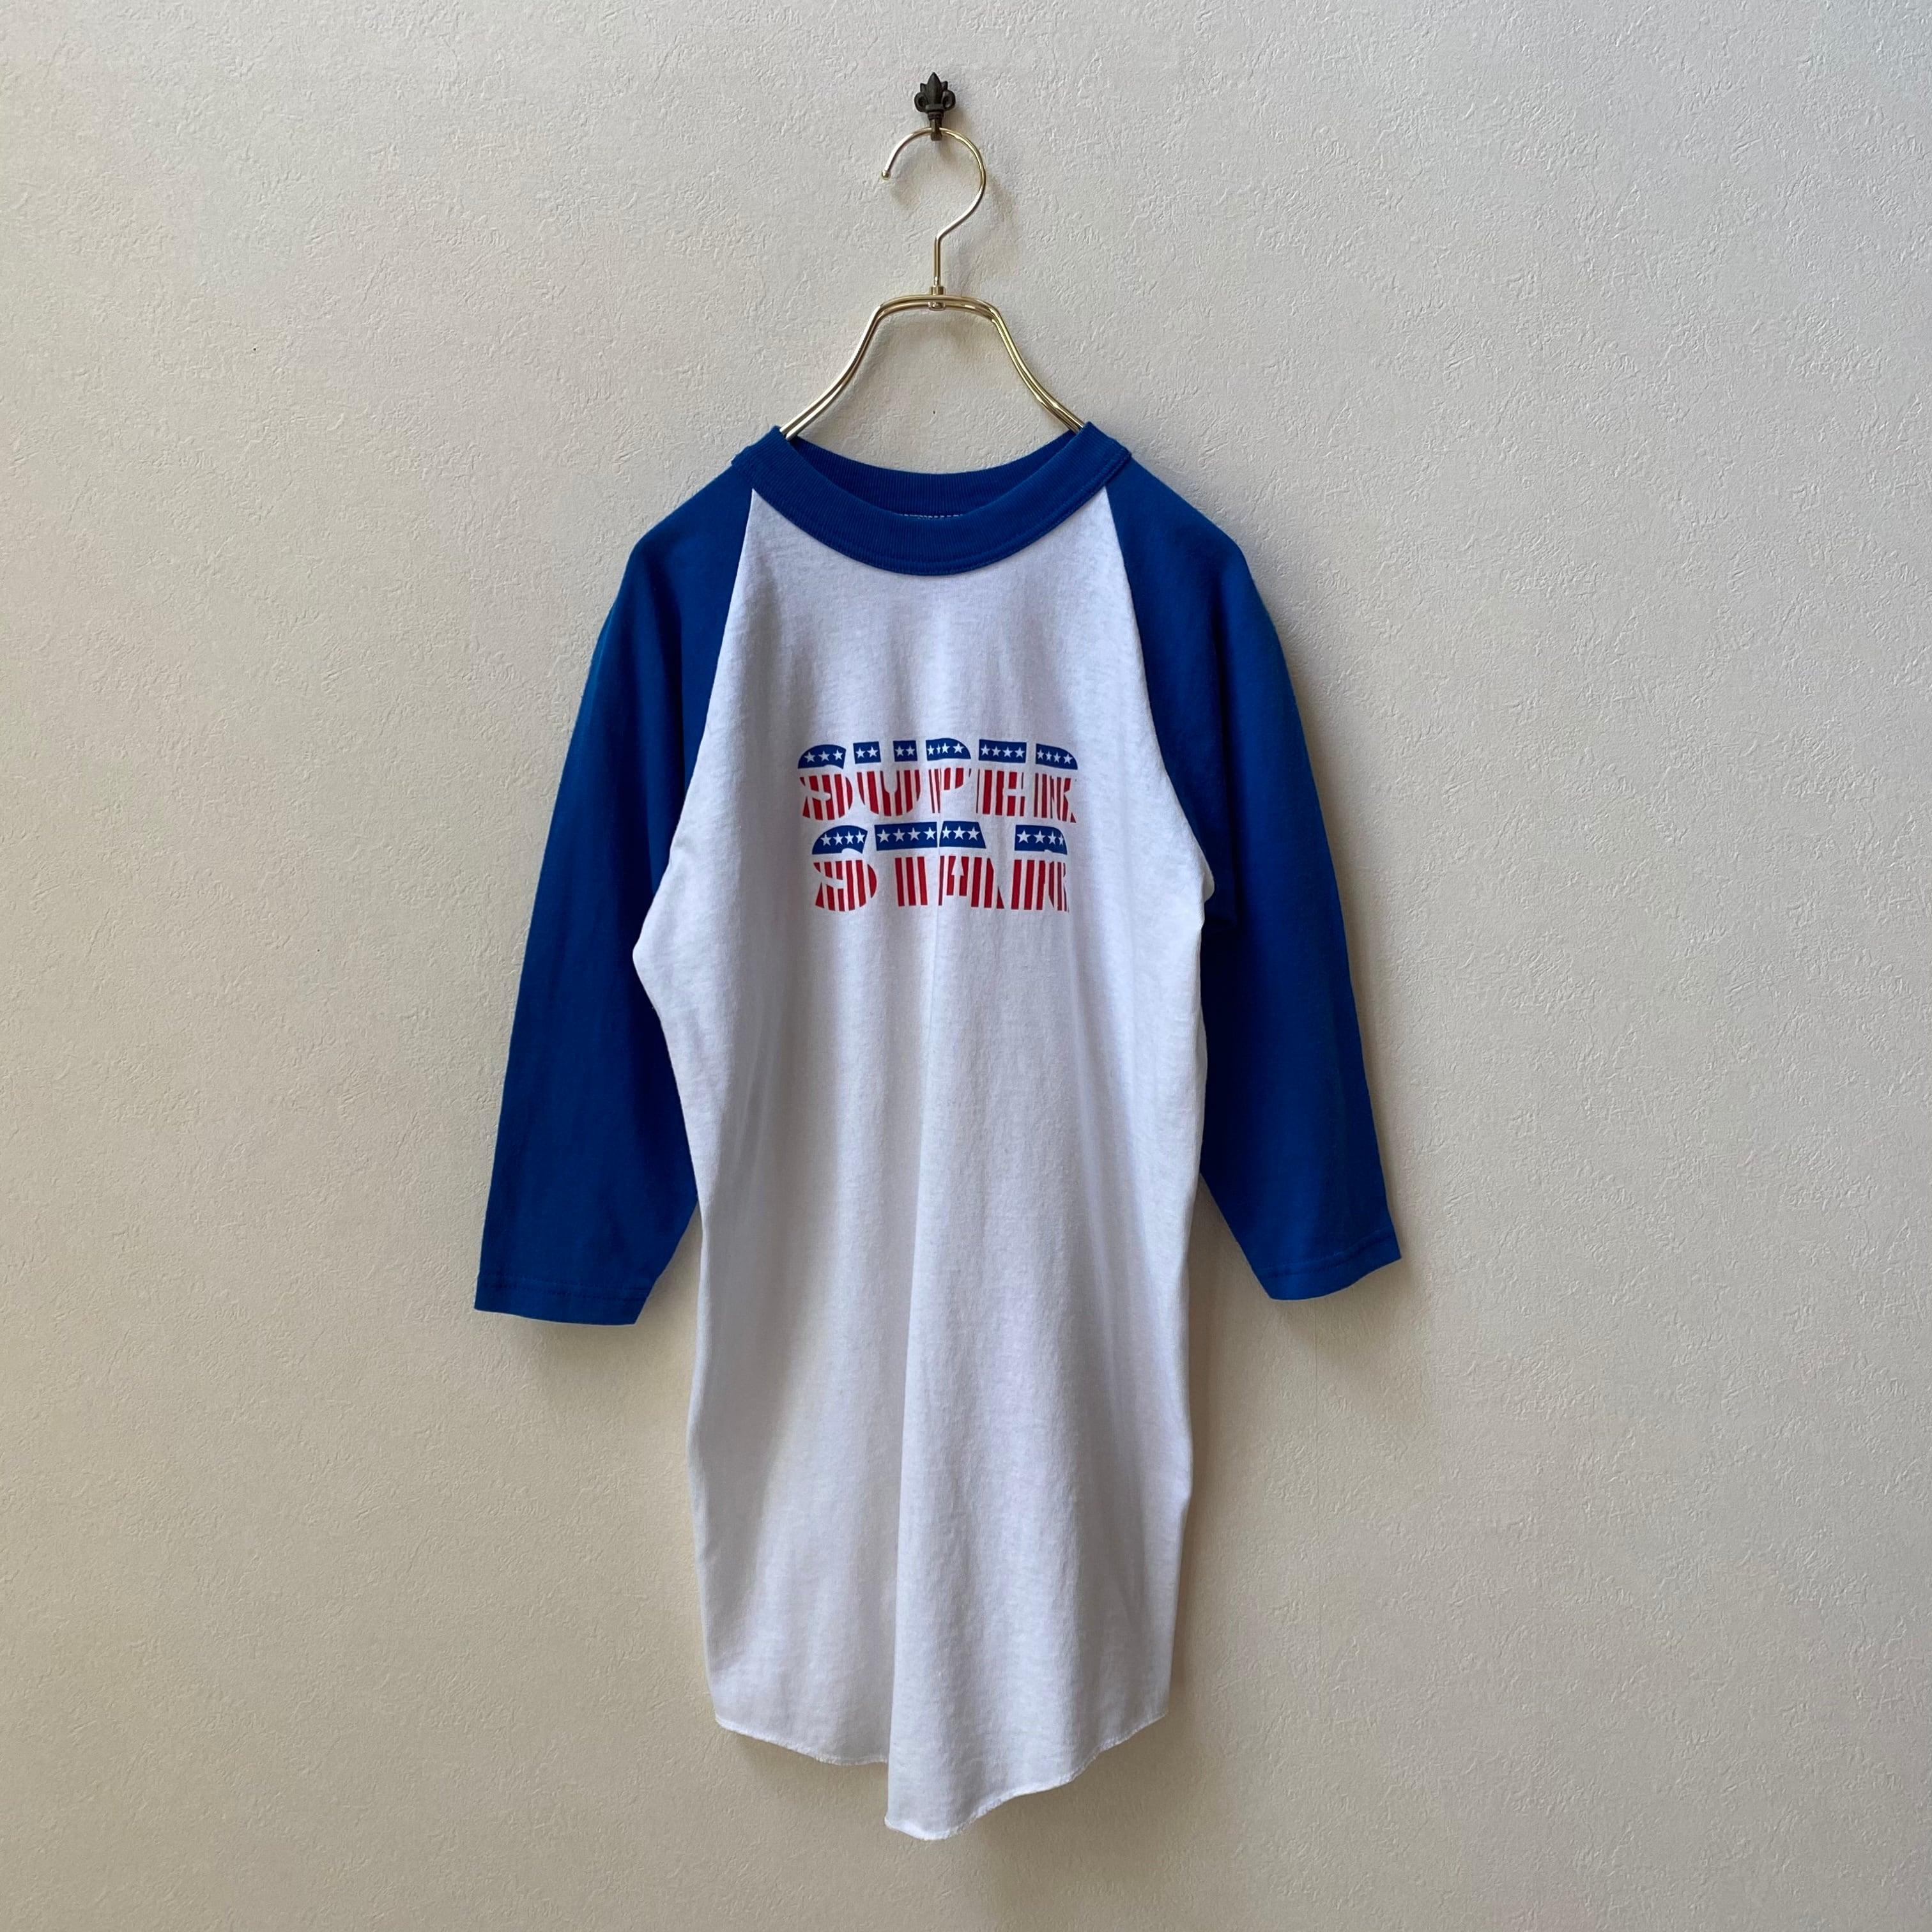 """レディース""""SOFFE SHIRTS""""80〜90年代 USA製 ラグランTシャツ アメリカ 古着 コットン ポリエステル 日本S〜M"""